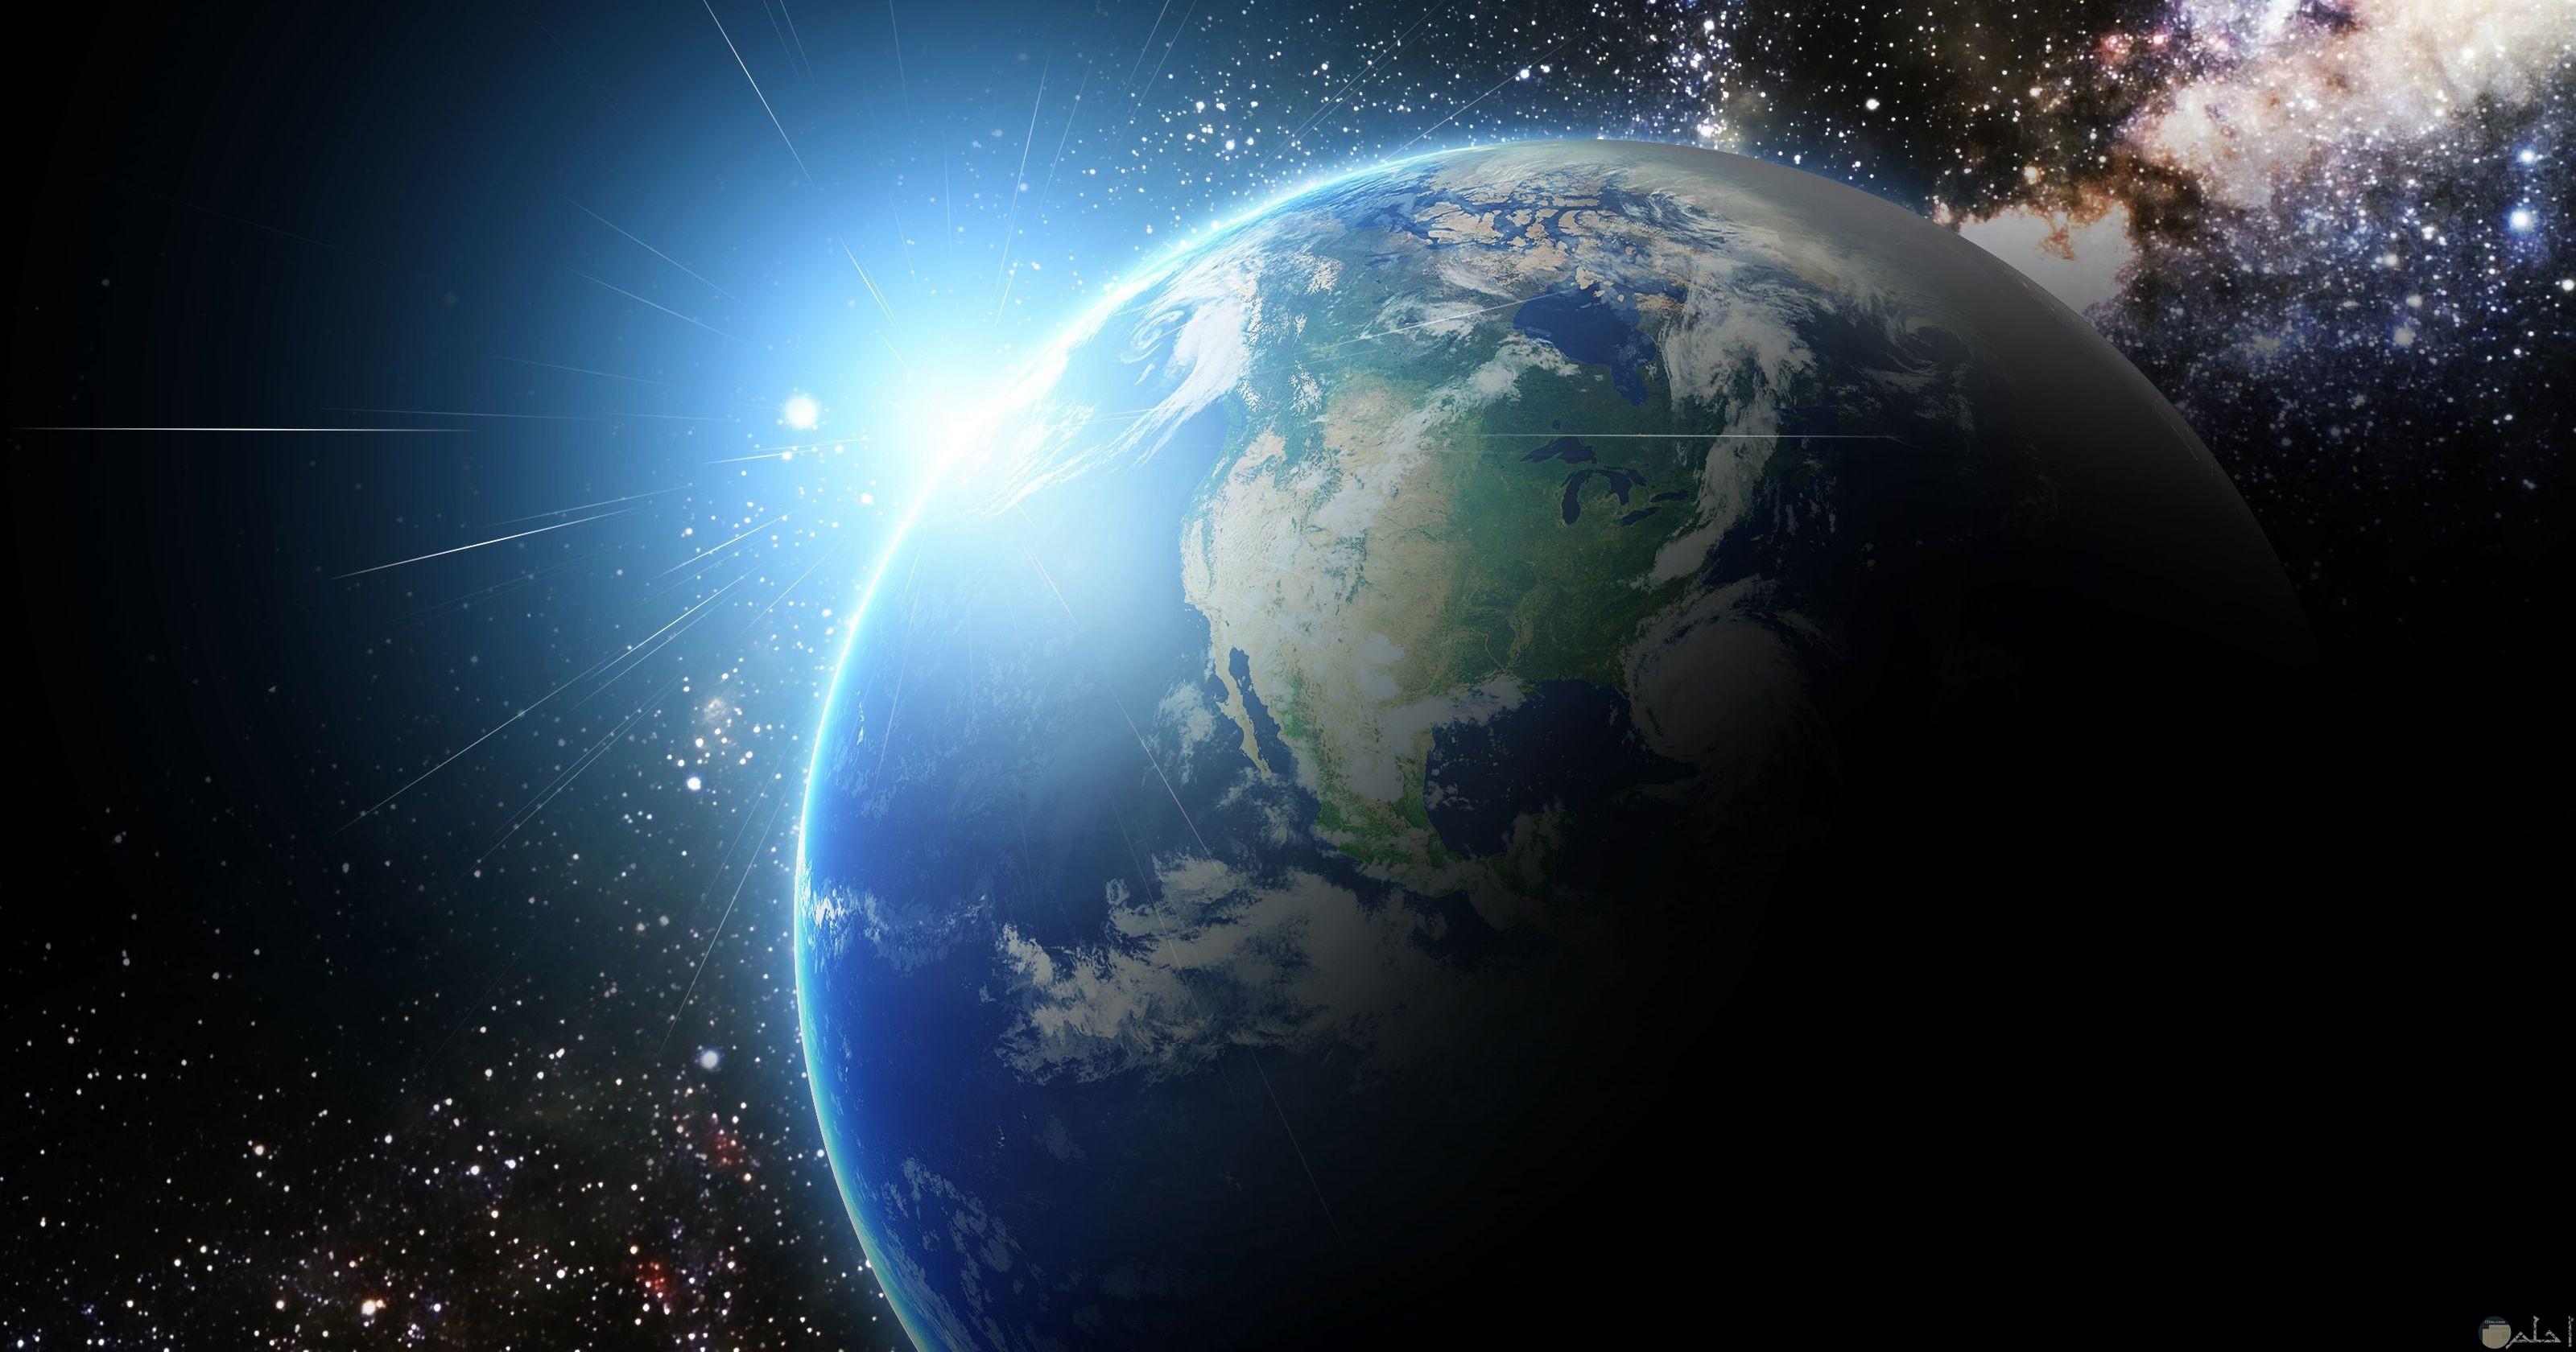 صورة لكوكب الارض من الفضاء الخارجي مع ظهور شعاع الشمس من الجانب